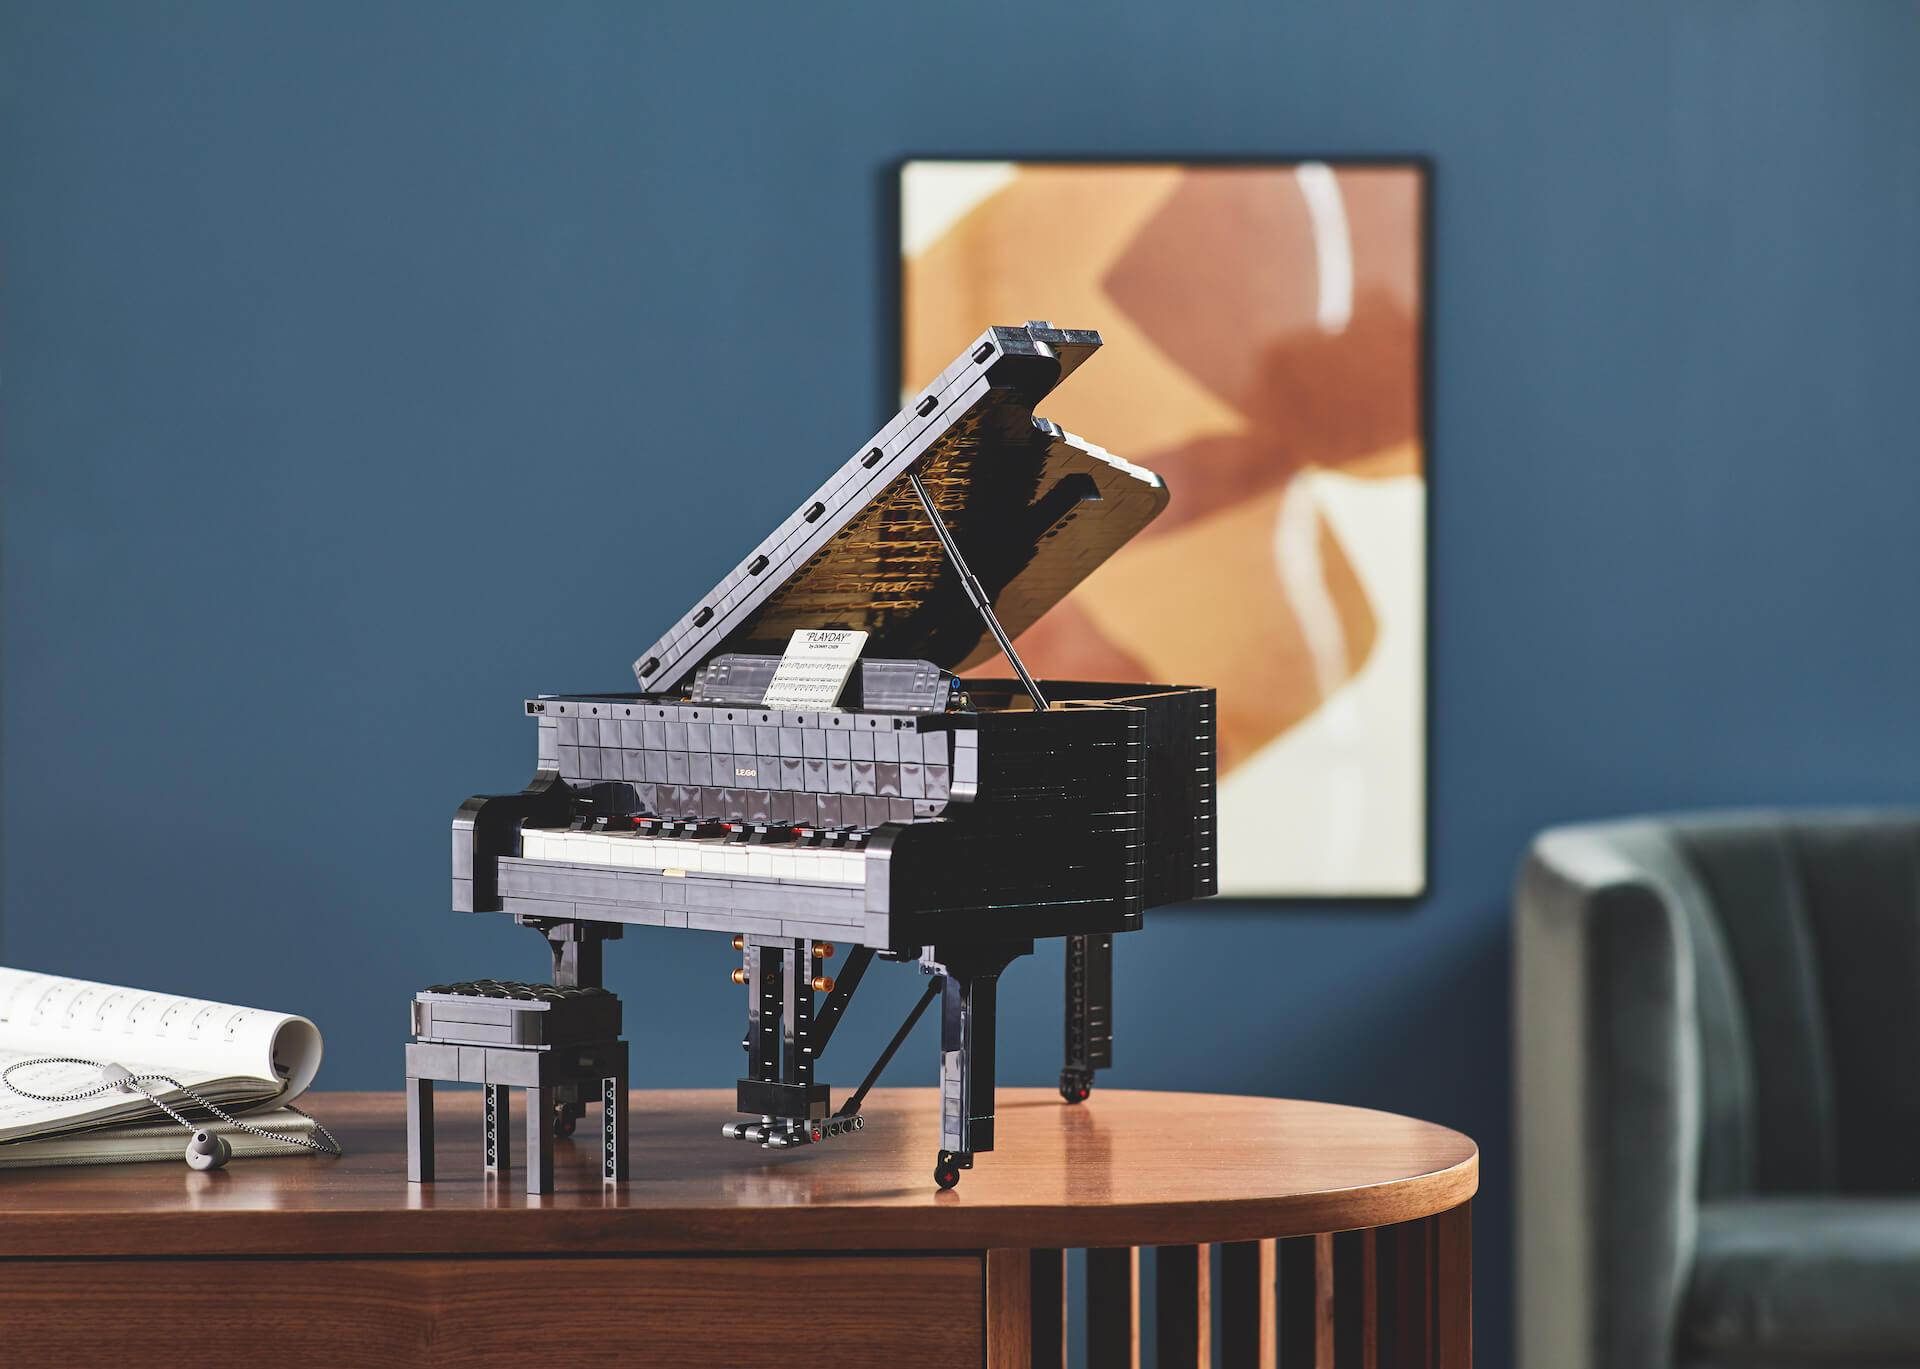 21323_Lifestyle_21 ポップカルチャーアート作品や音を奏でるグランドピアノも!インテリアとしても楽しめる大人に向けた「大人のレゴ」